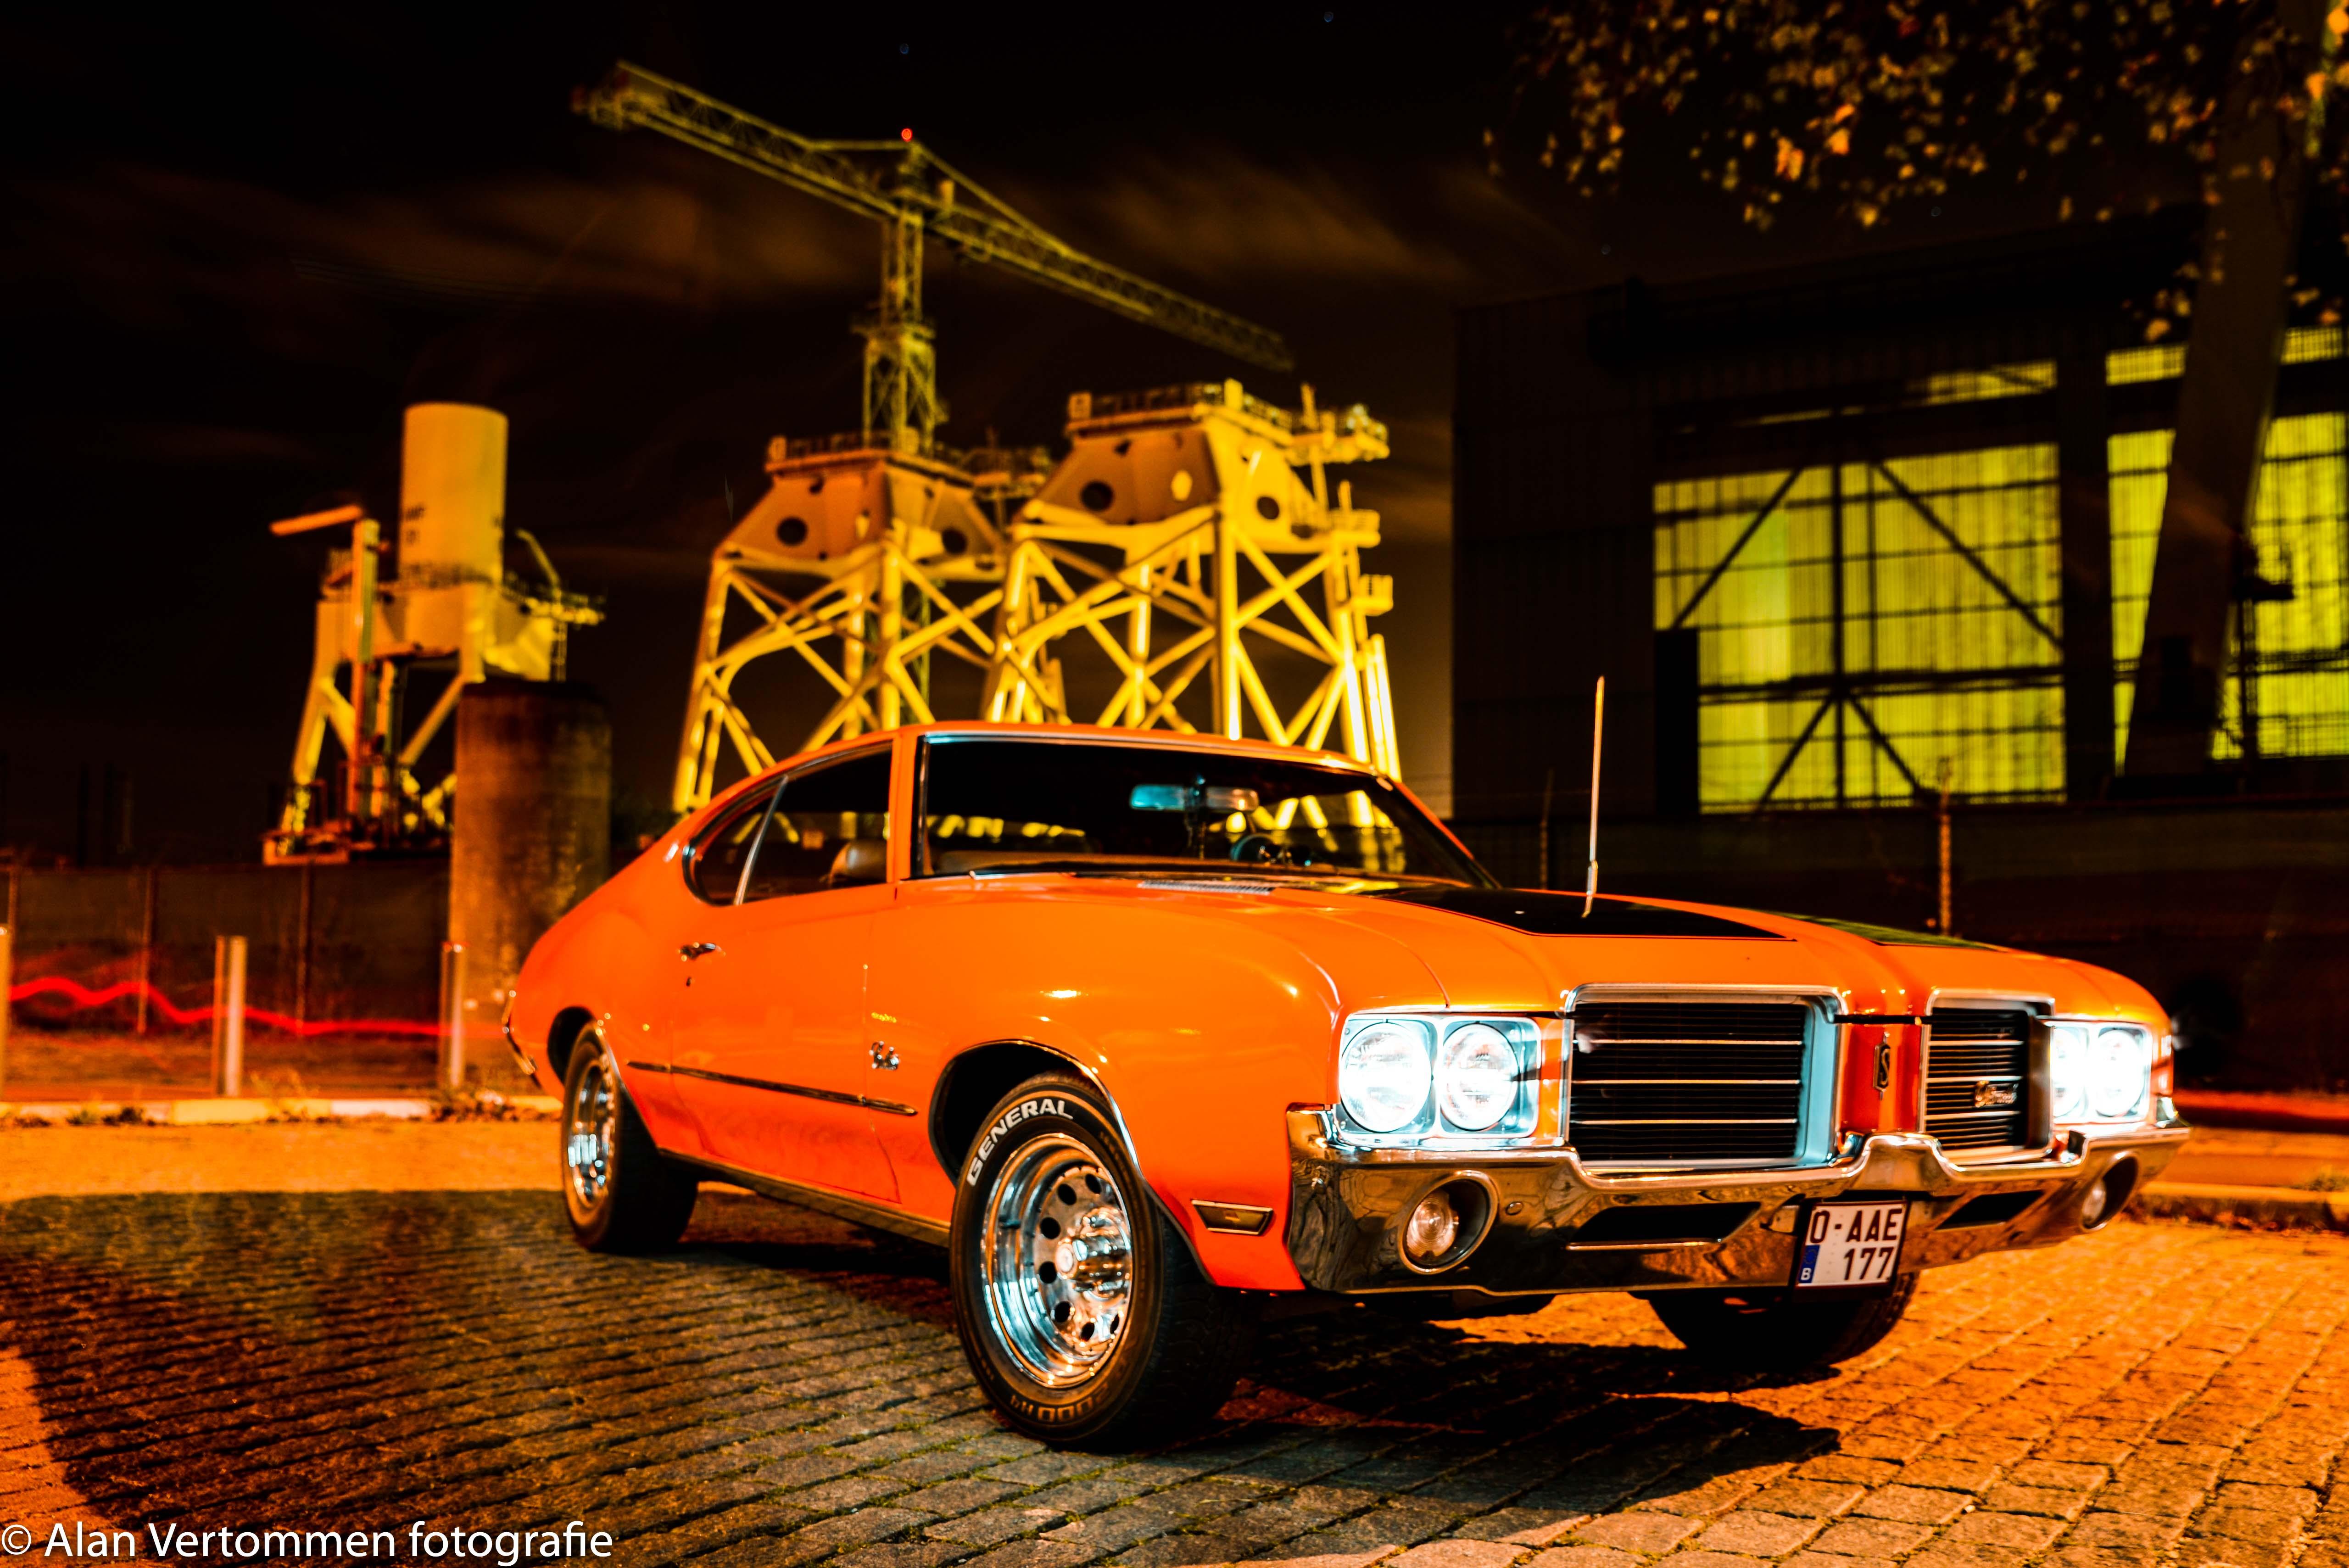 12. Oldsmobile Cutlass